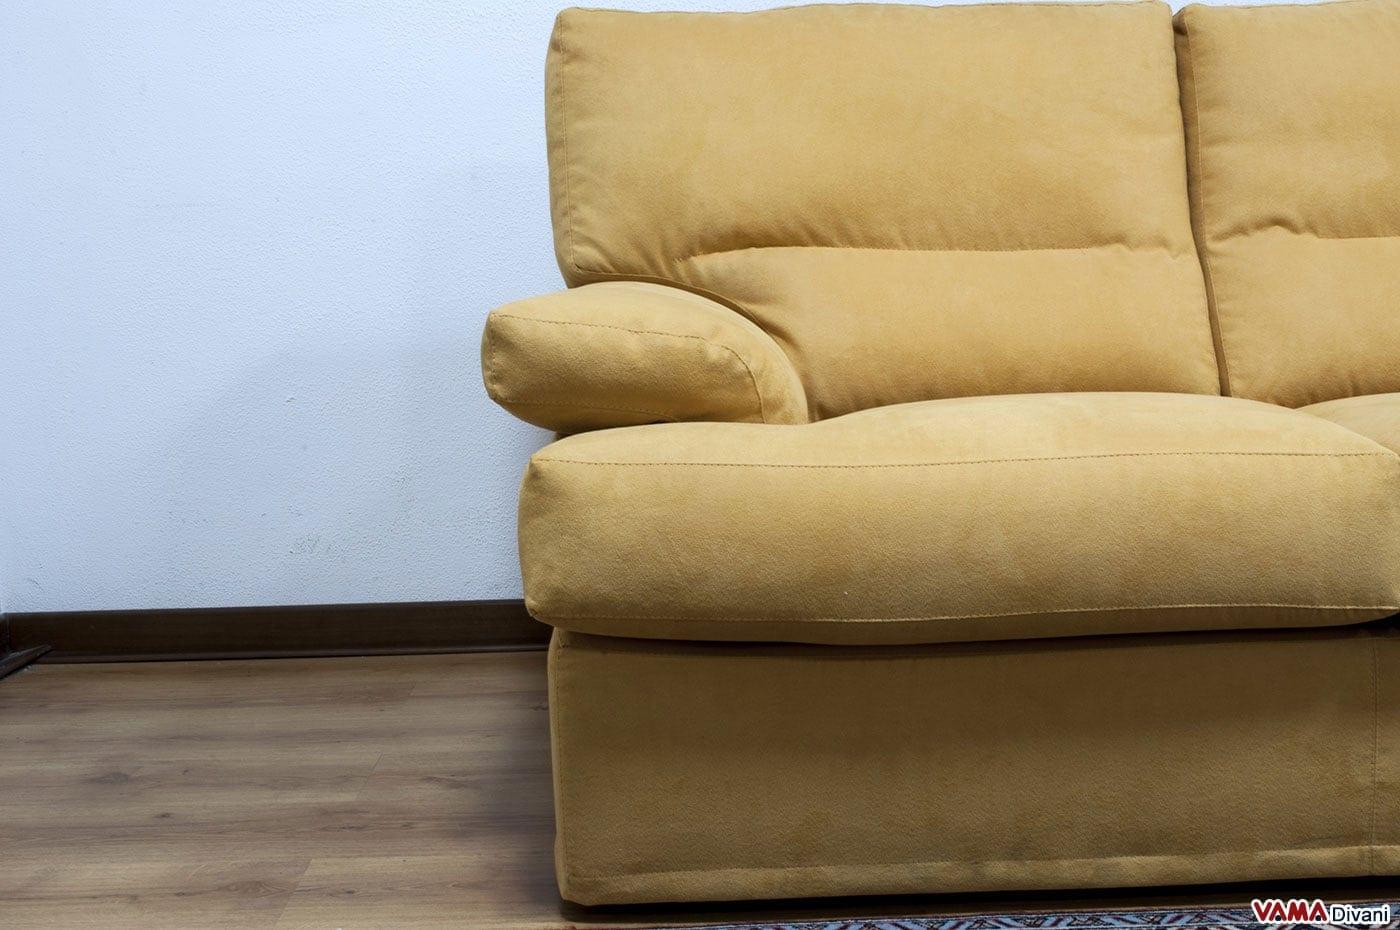 Divano in microfibra con schienale alto e avvolgente - Divano letto quadrato ...